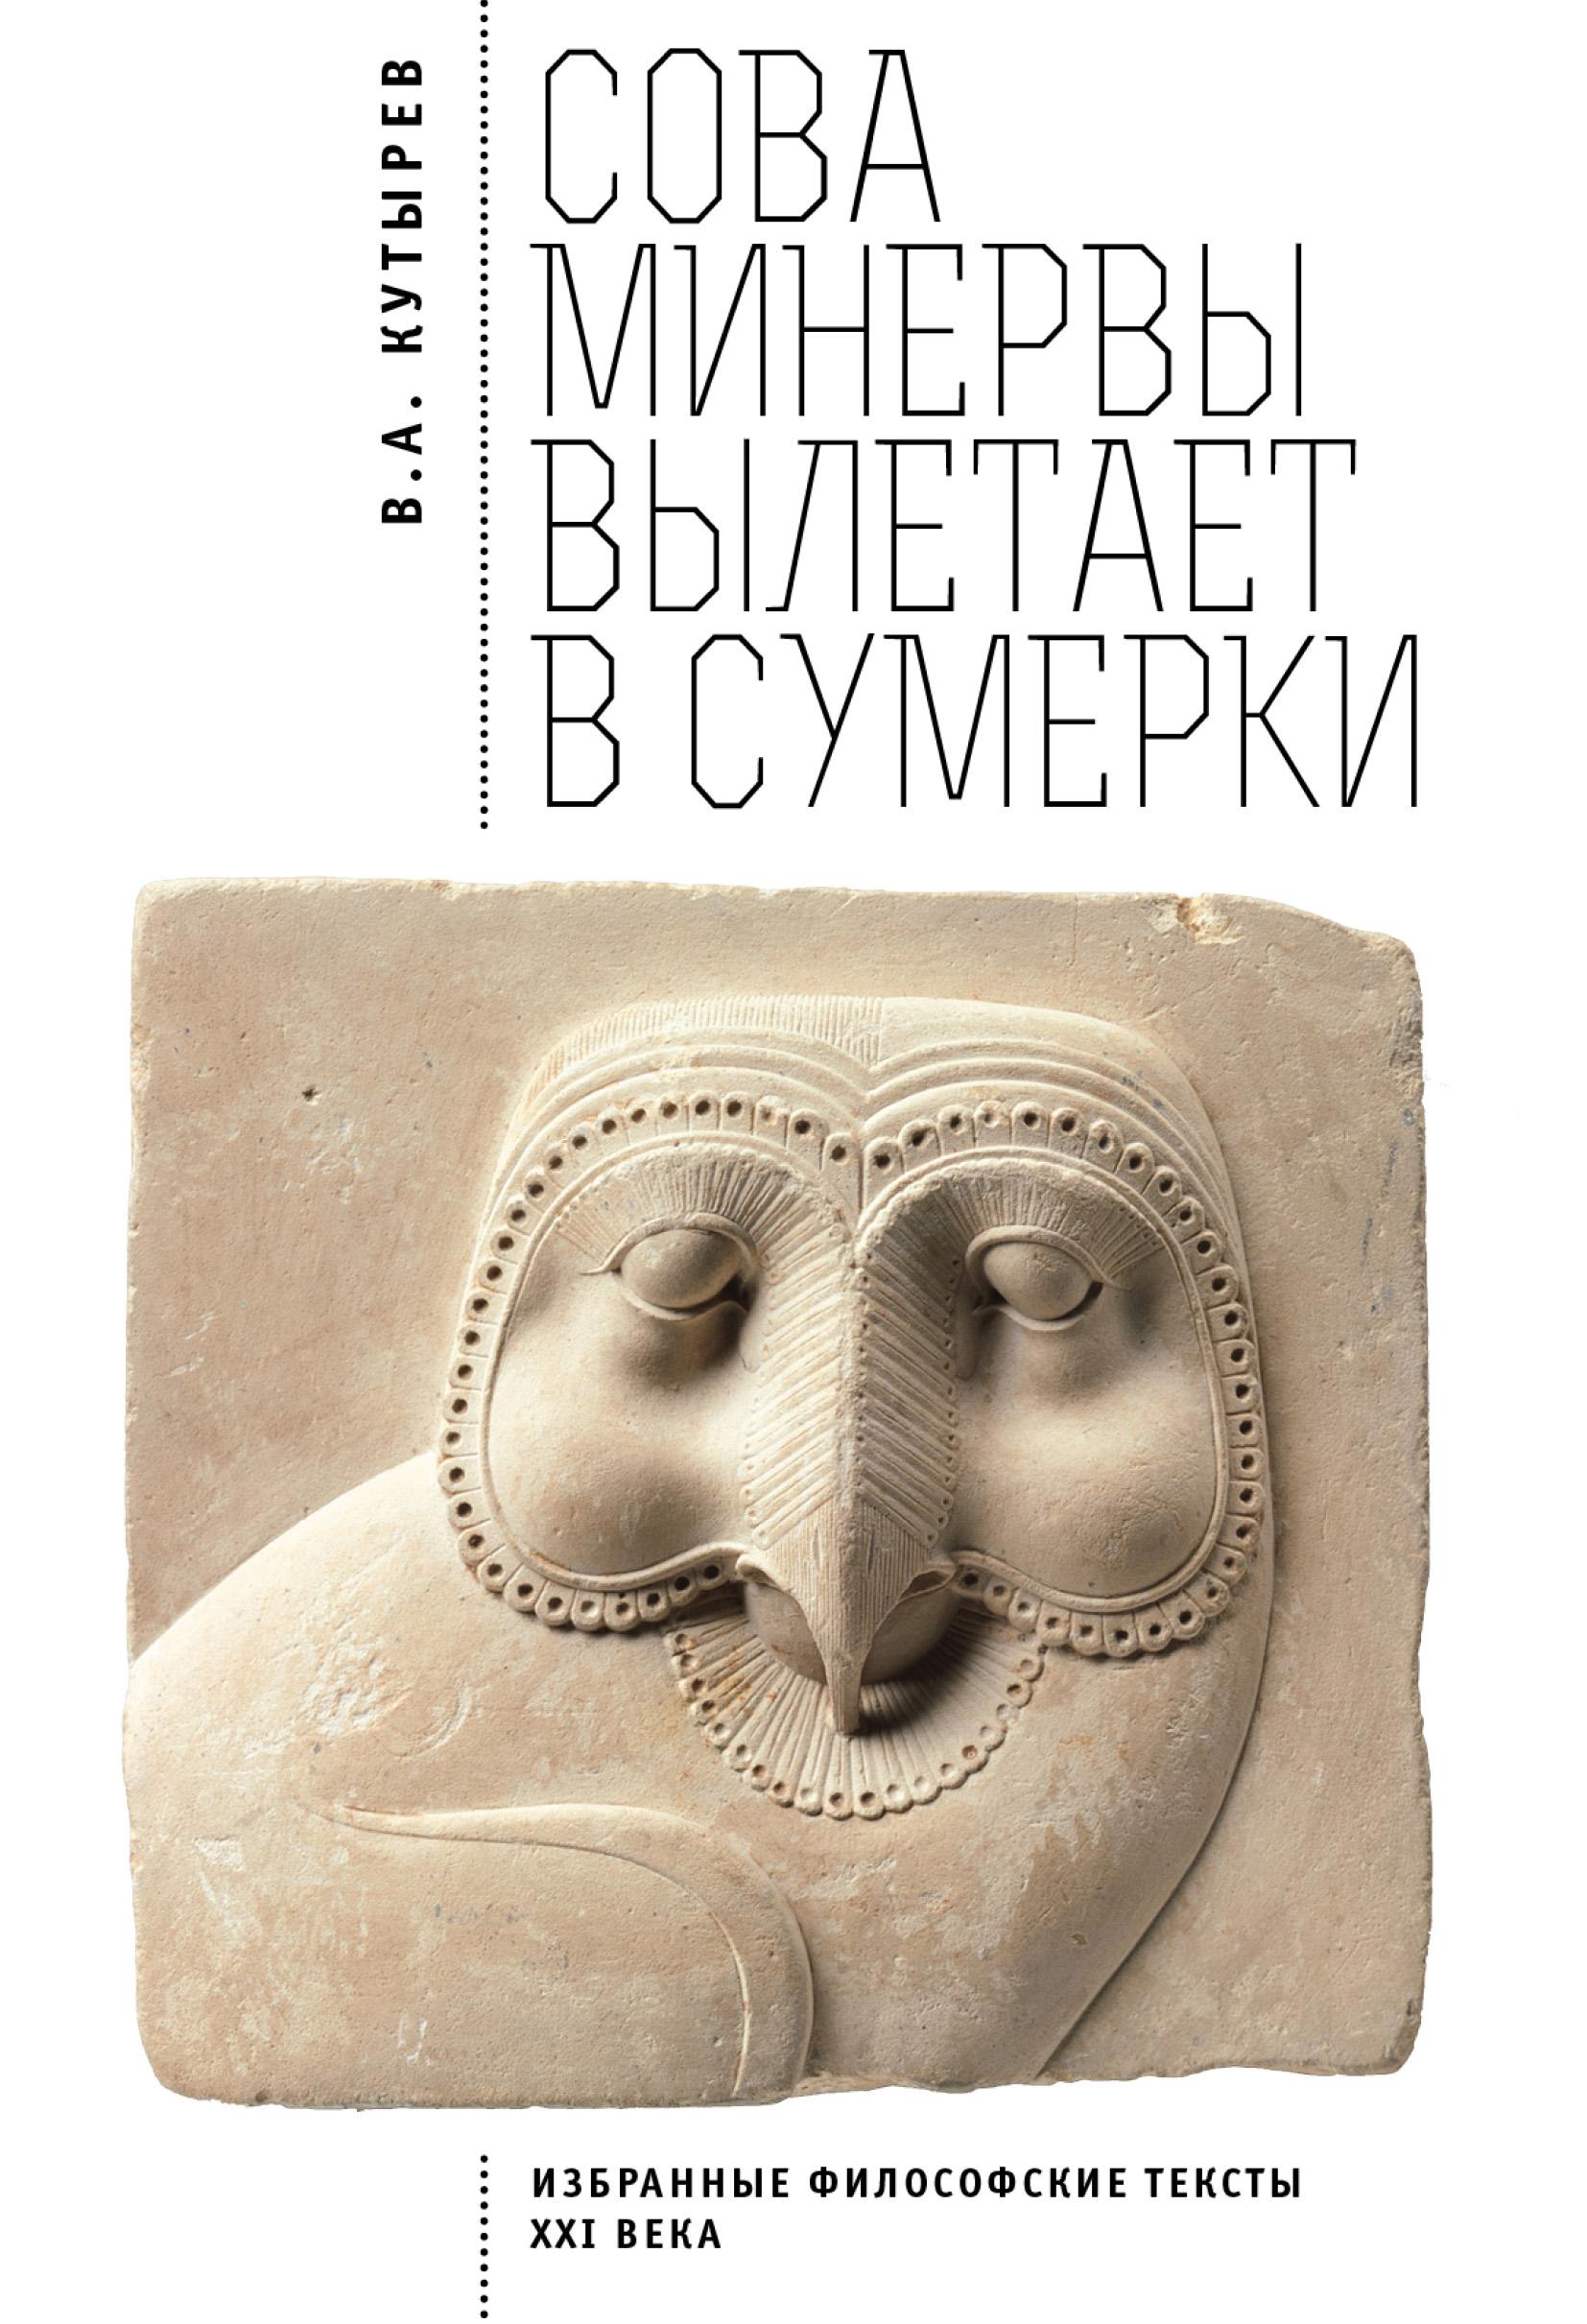 Владимир Кутырёв Cова Минервы вылетает в сумерки. Избранные философские тексты ХХI века